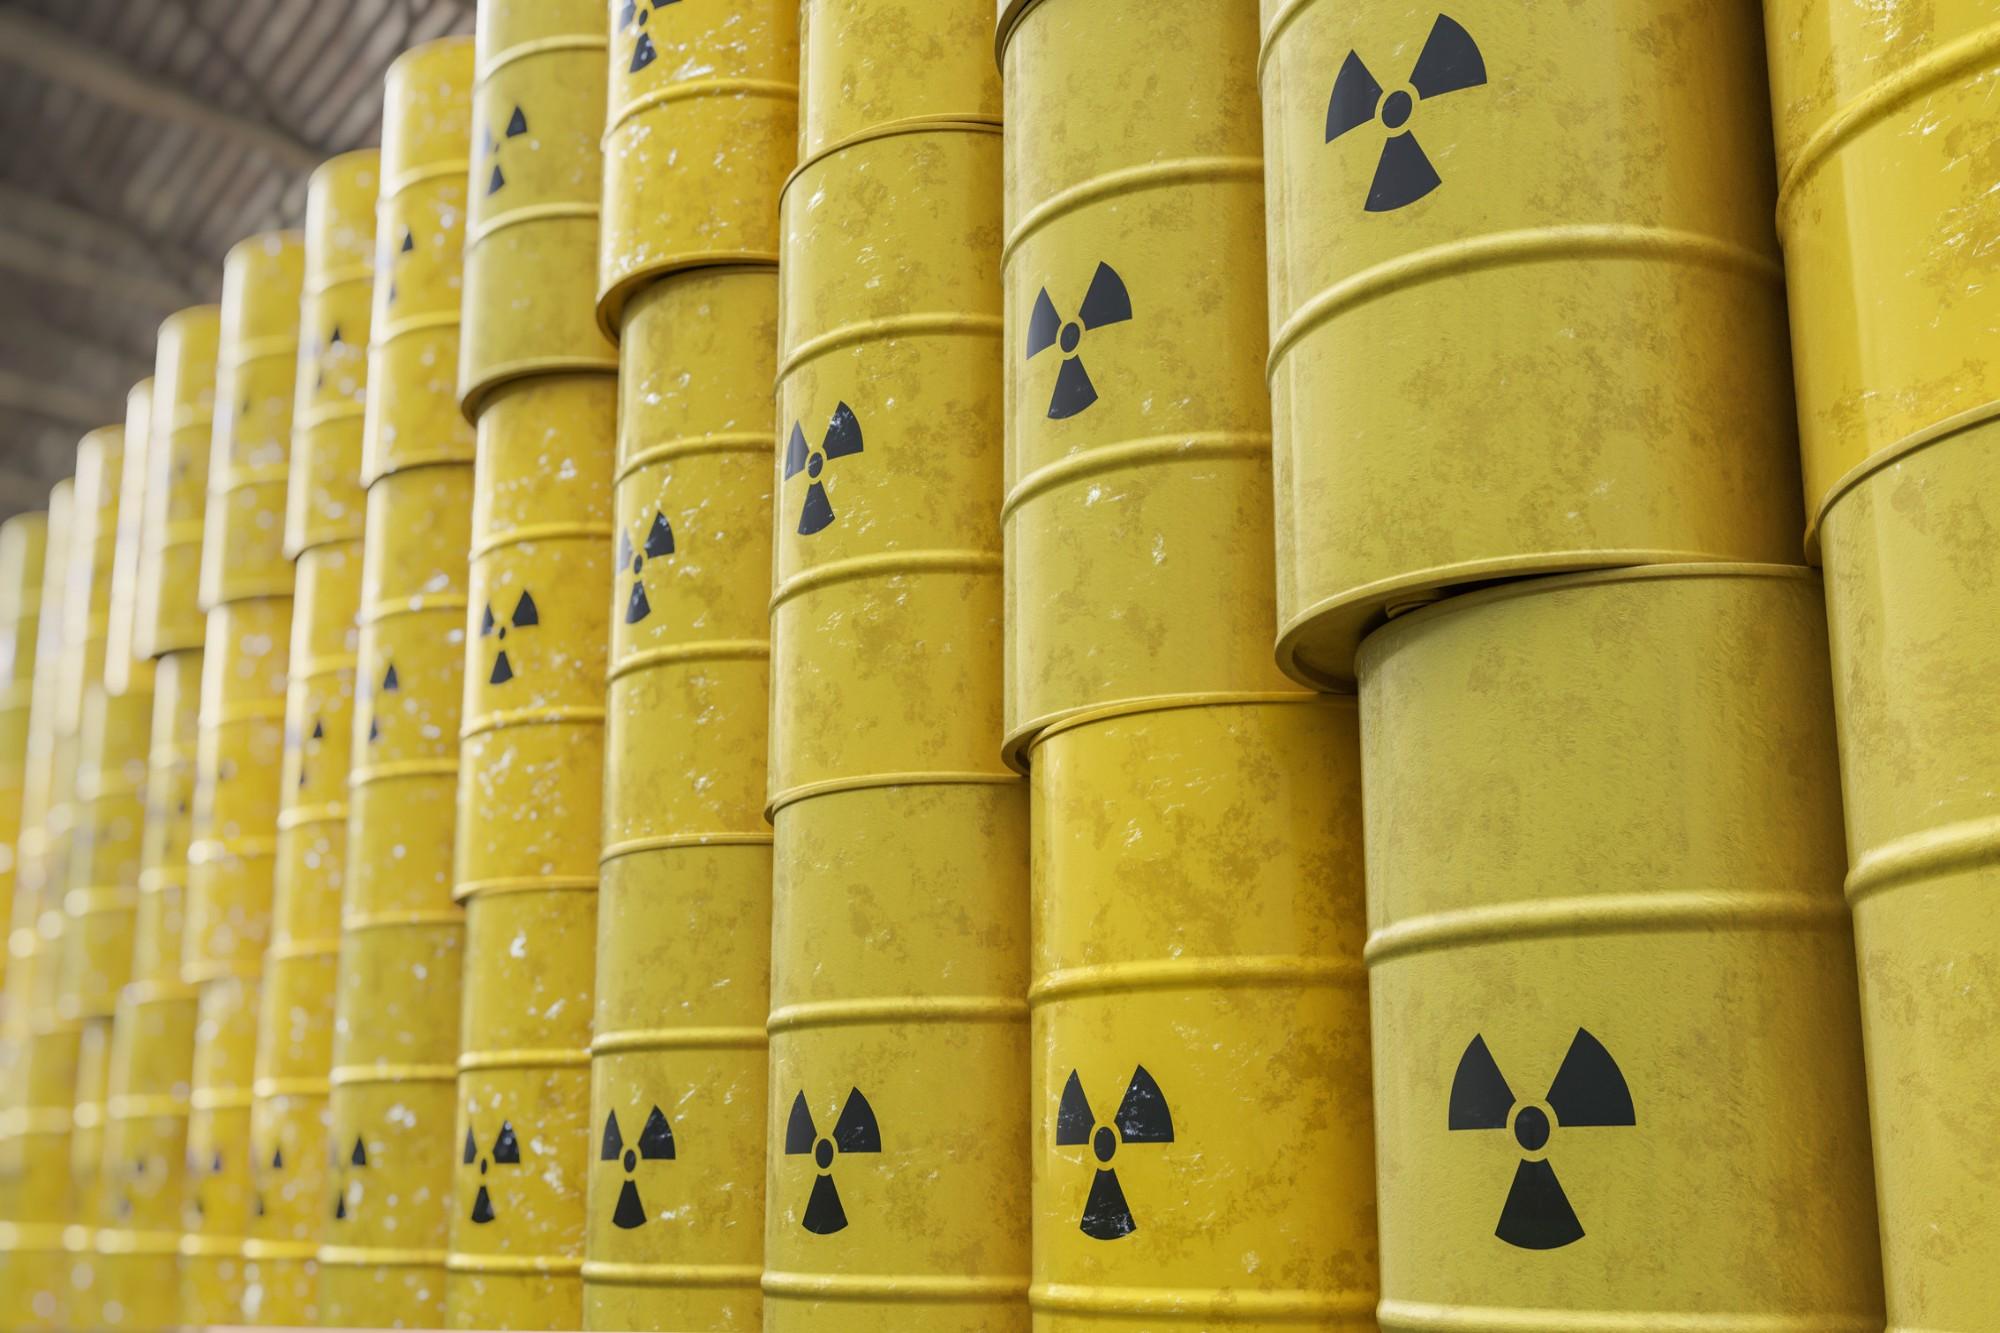 saiba quais são os principais cuidados no armazenamento de cargas perigosas